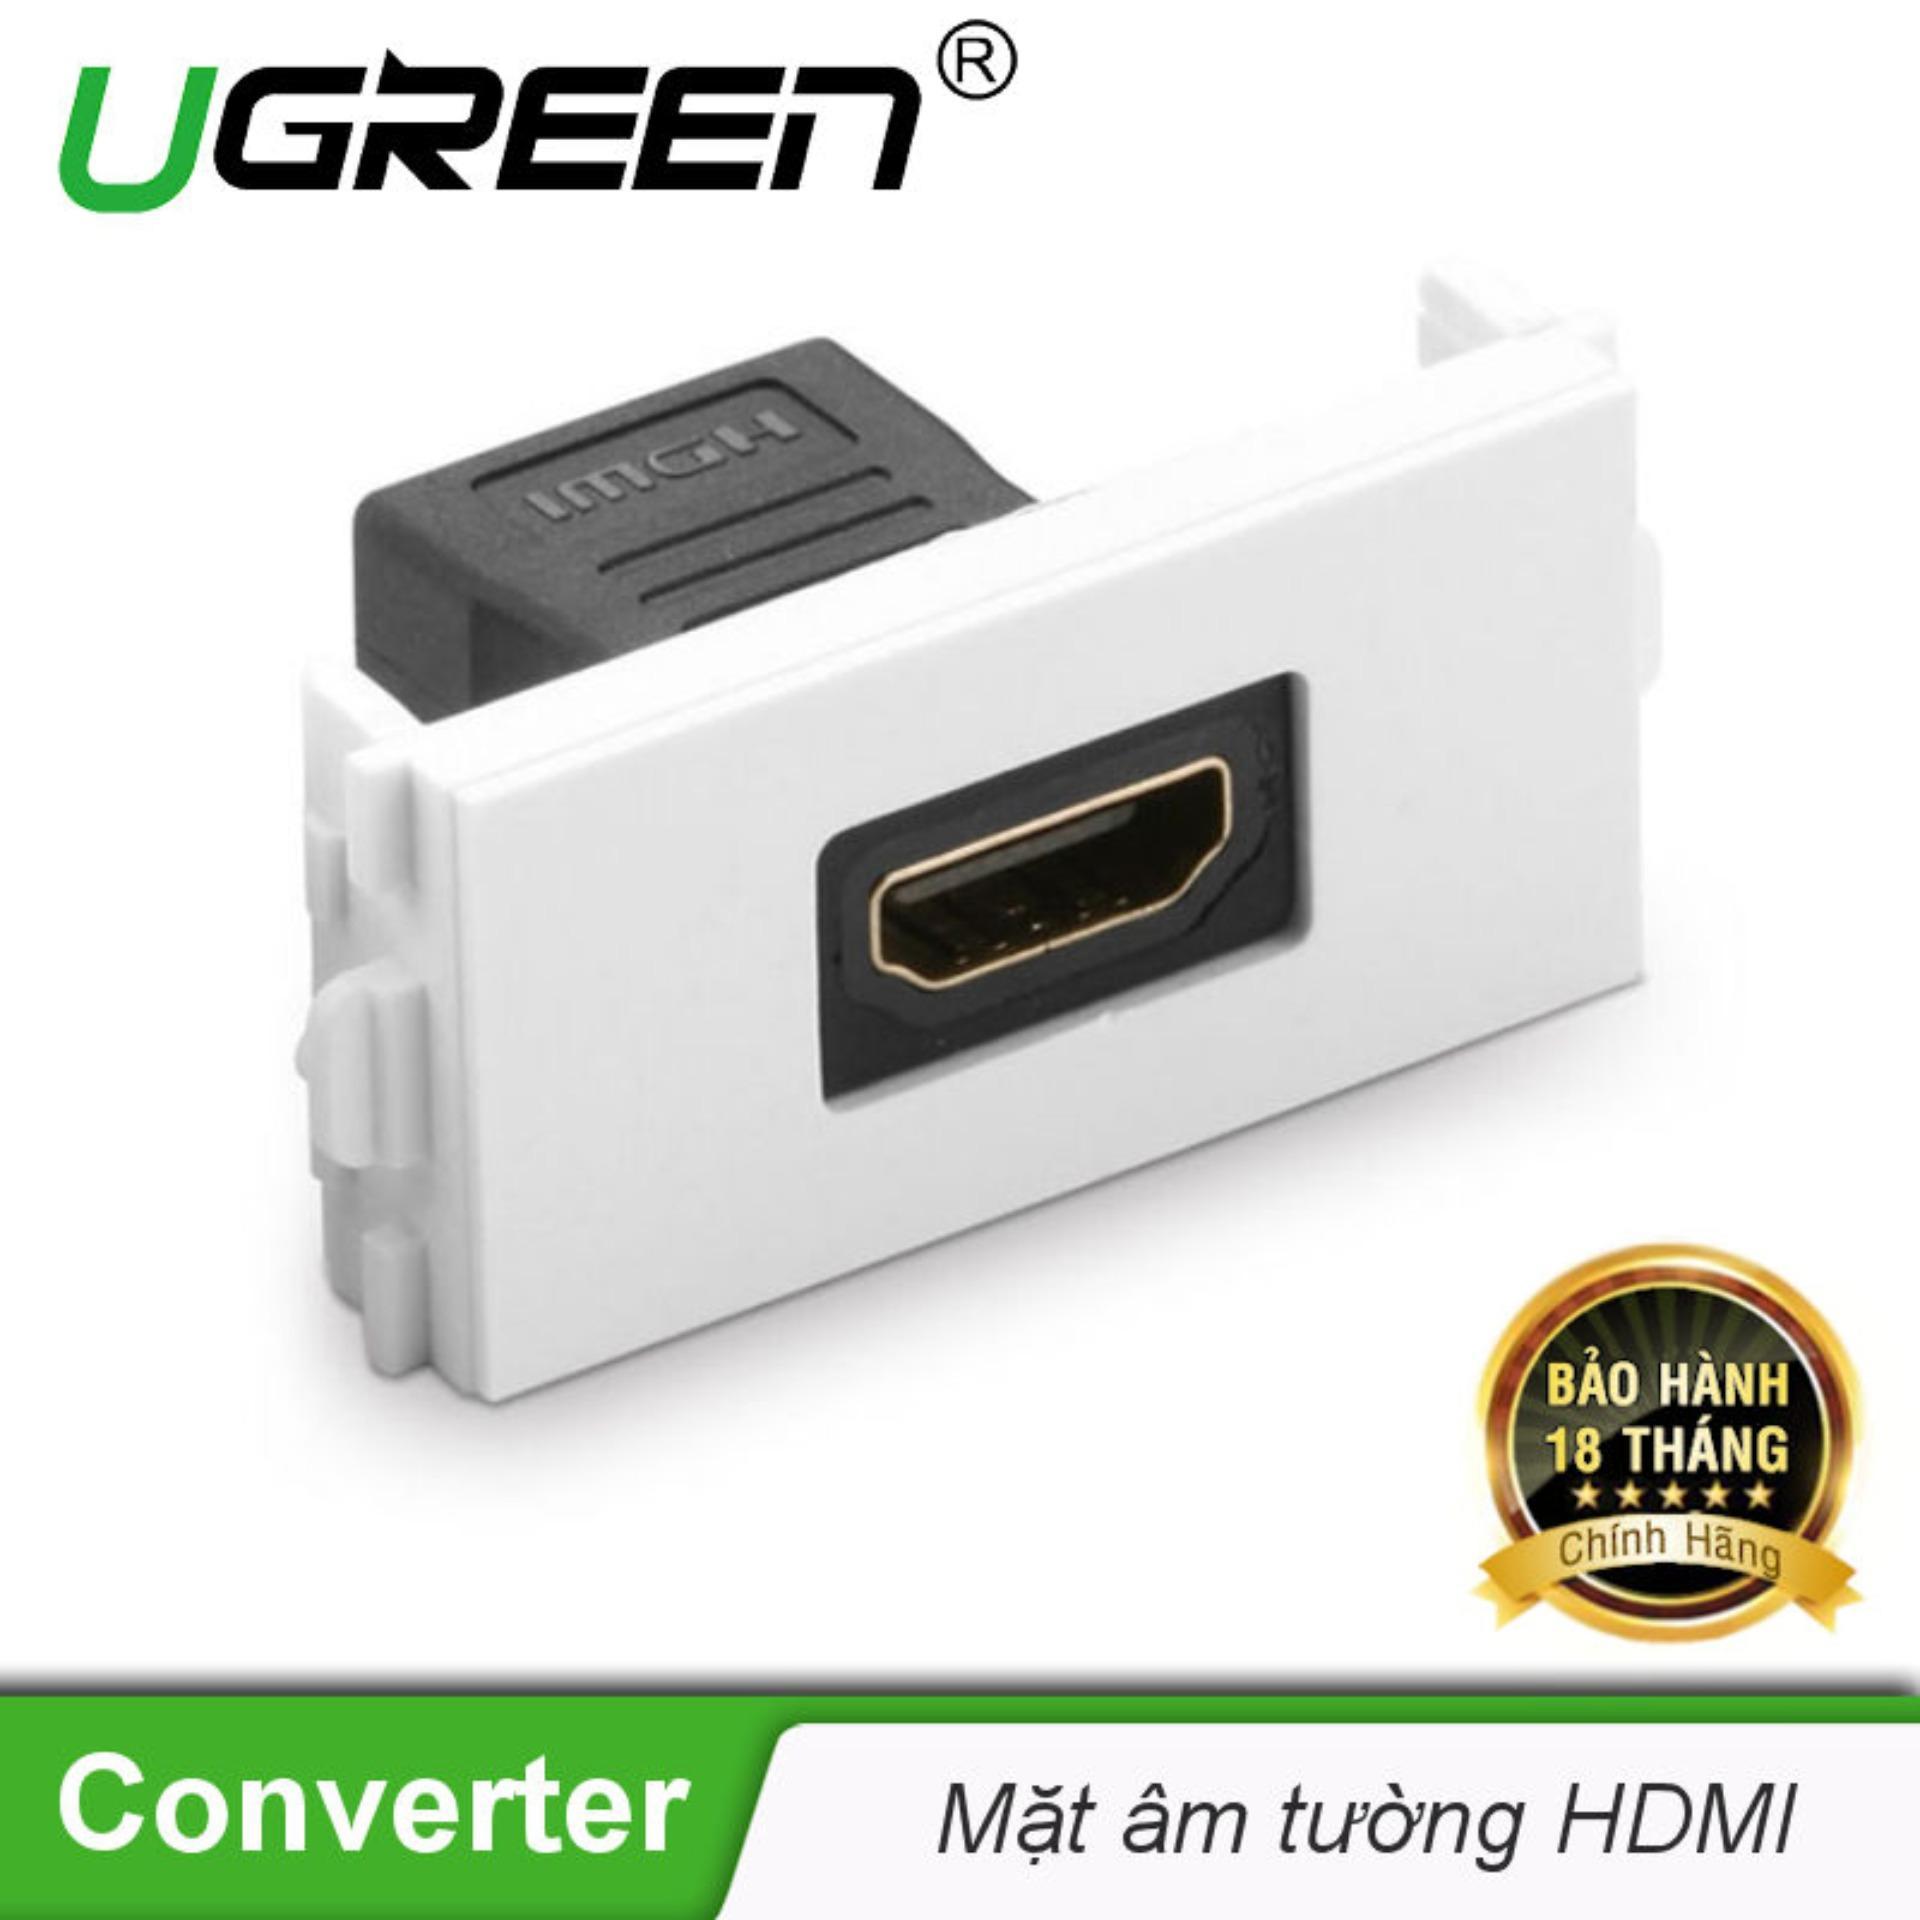 Đế HDMI âm tường UGREEN MM113 20317 - Hãng phân phối chính thức